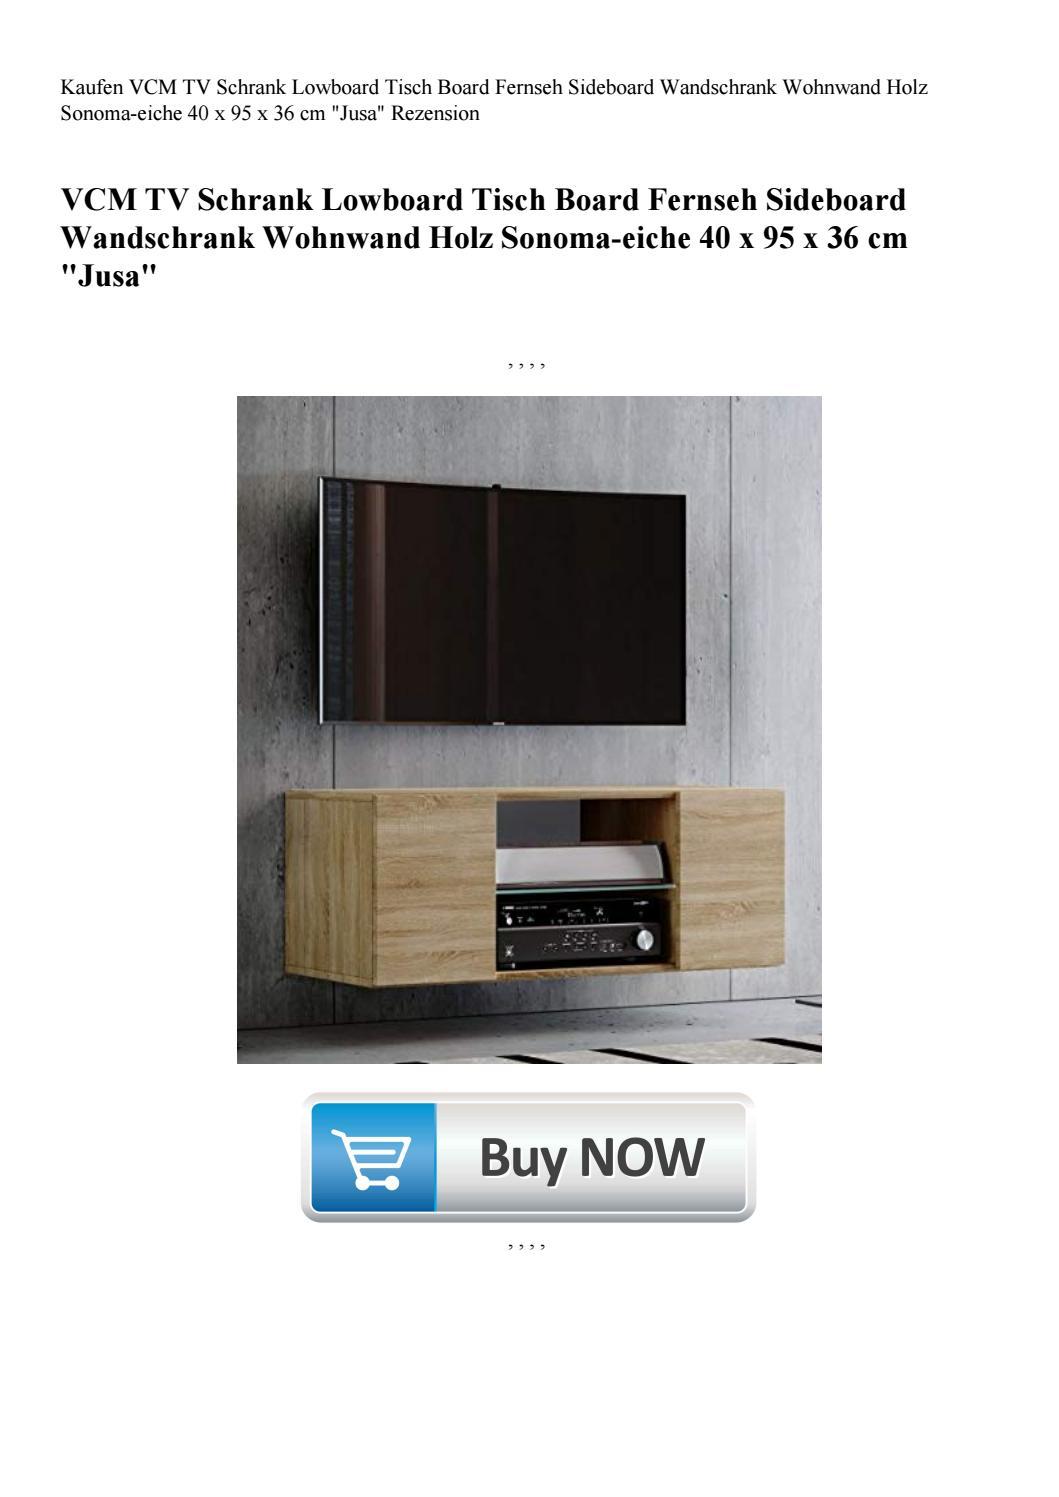 kaufen vcm tv schrank lowboard tisch board fernseh sideboard